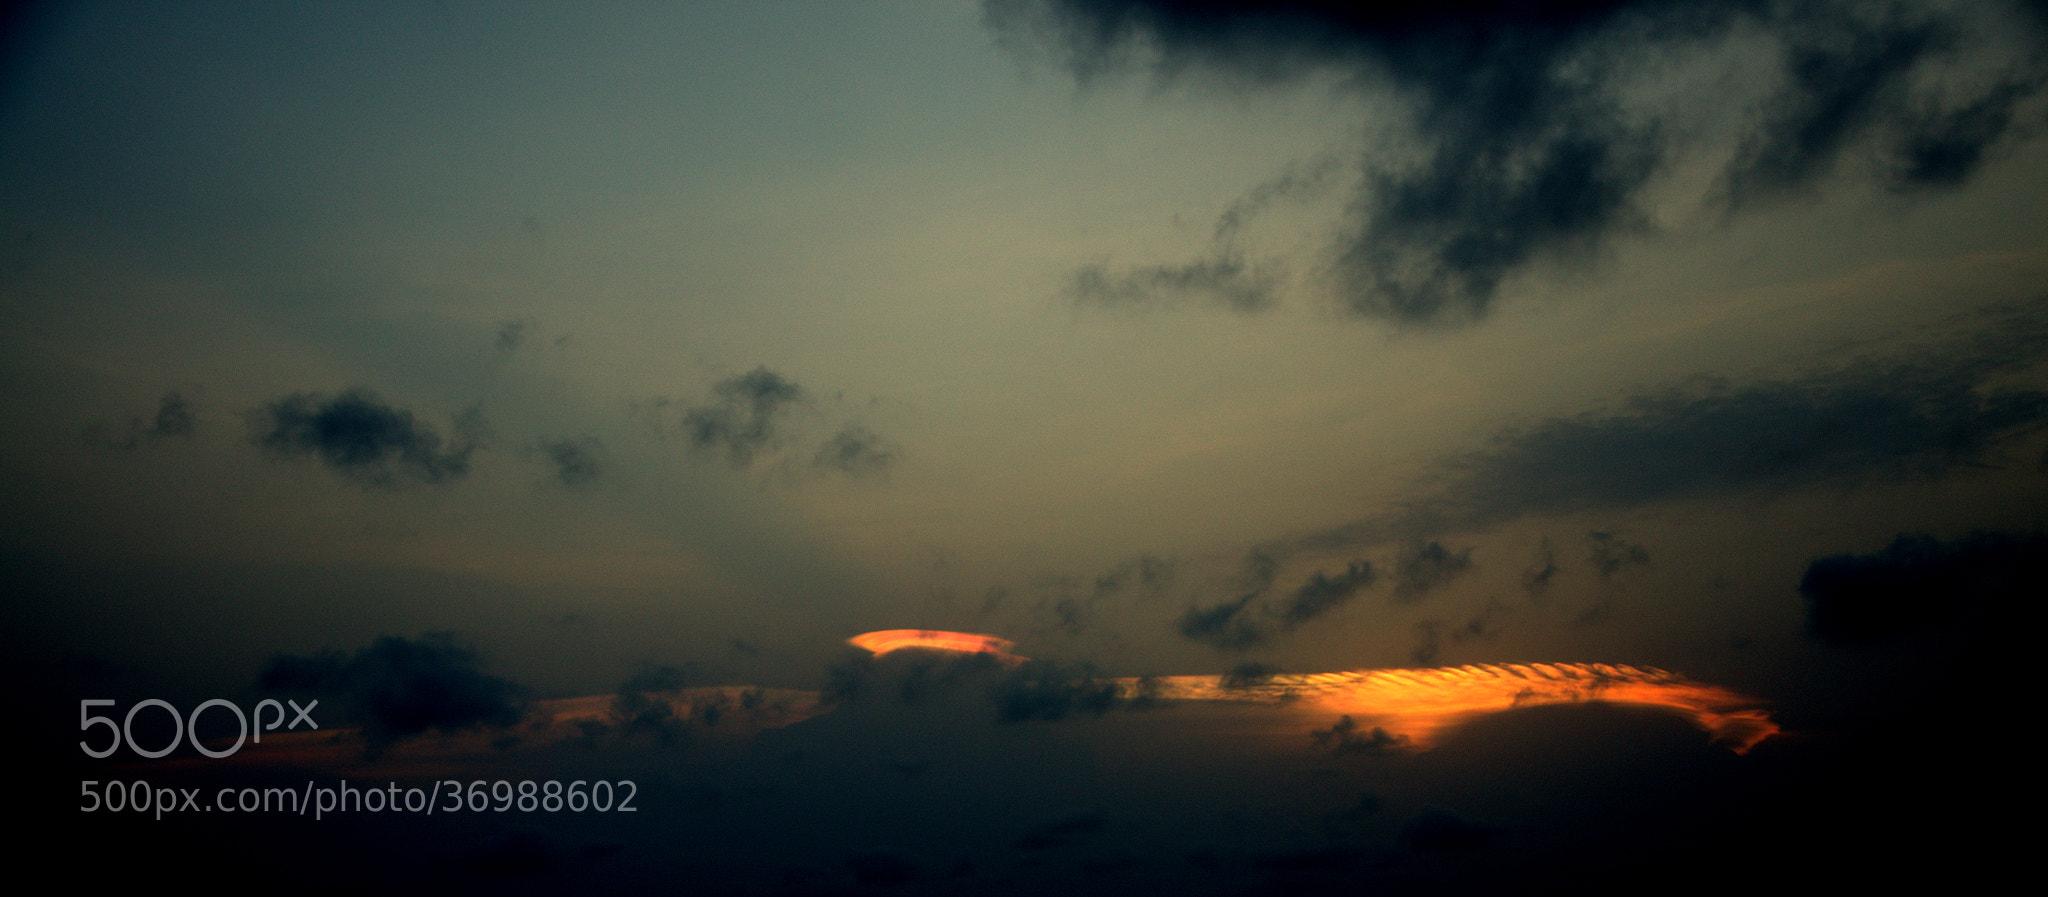 Photograph Sunset of Naagadeepa by Vihanga Dayananda on 500px